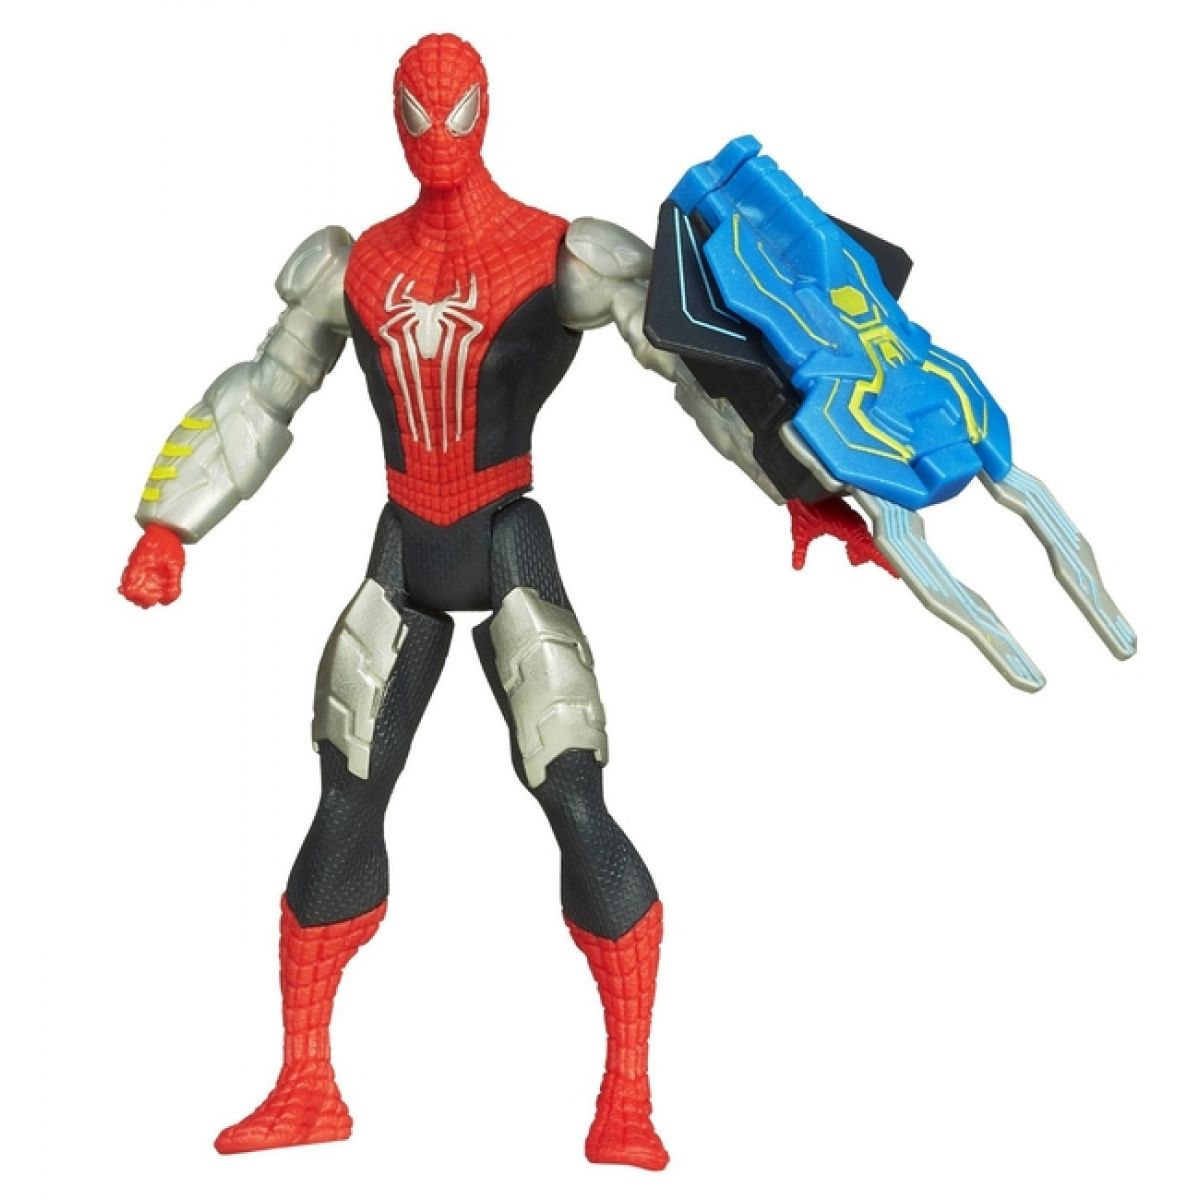 Hasbro Spiderman figurka se speciálními akčními doplňky - Spiderman A5701